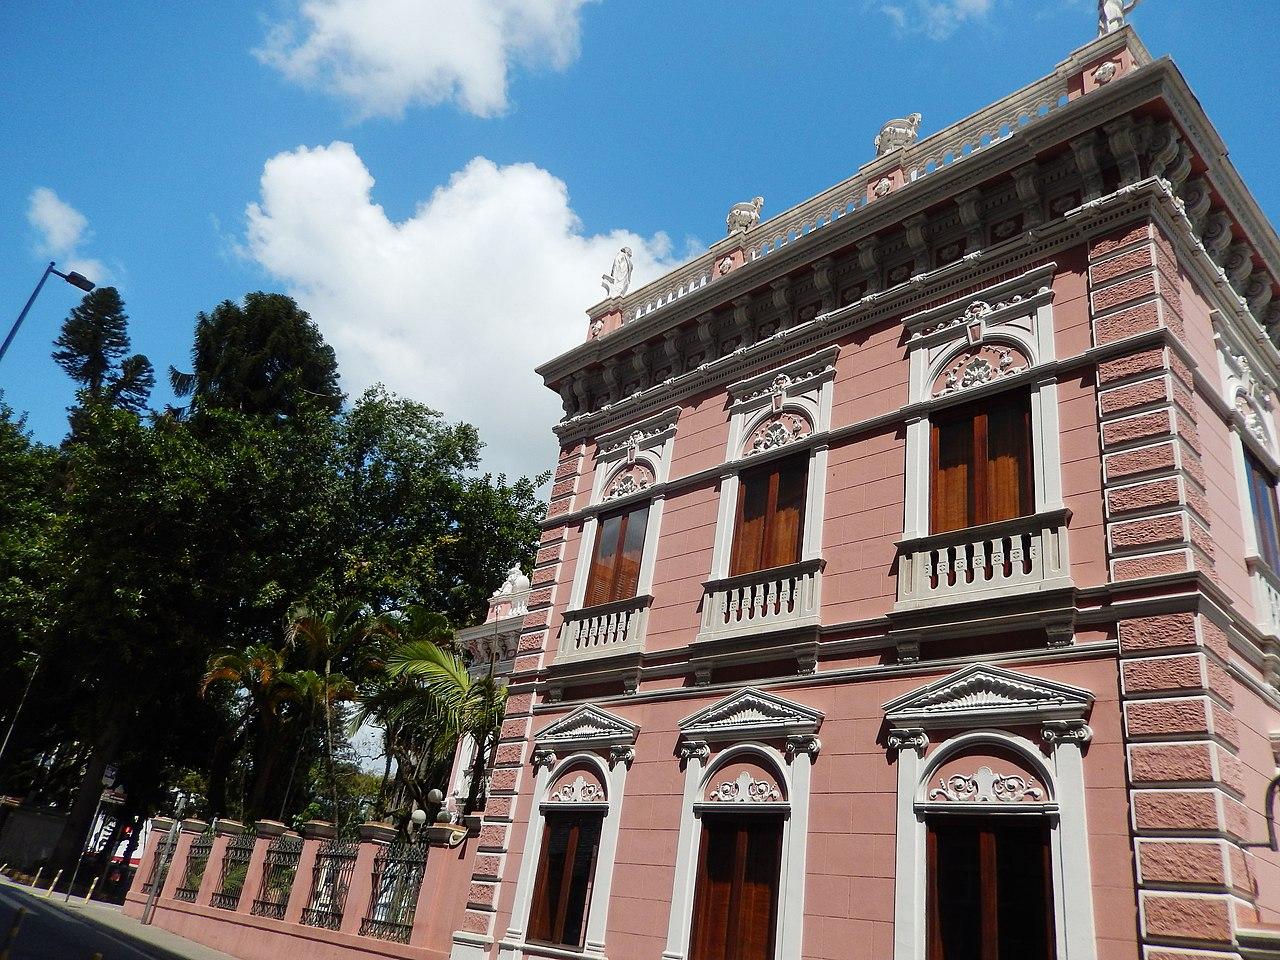 File:Palácio Cruz e Souza, um museu a altura de Florianópolis.jpg -  Wikimedia Commons